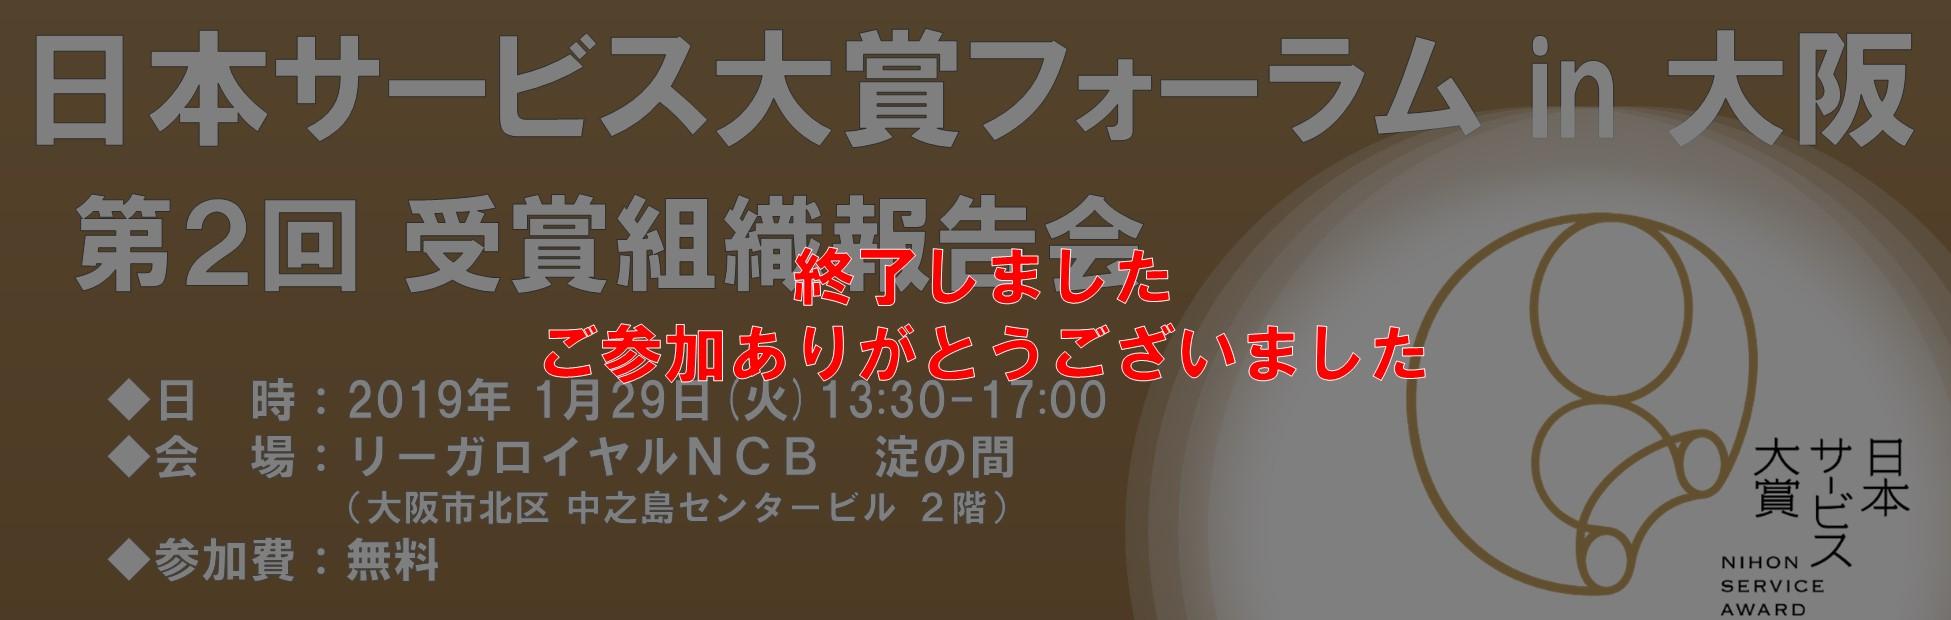 日本サービス大賞フォーラム in 大阪 は終了しました